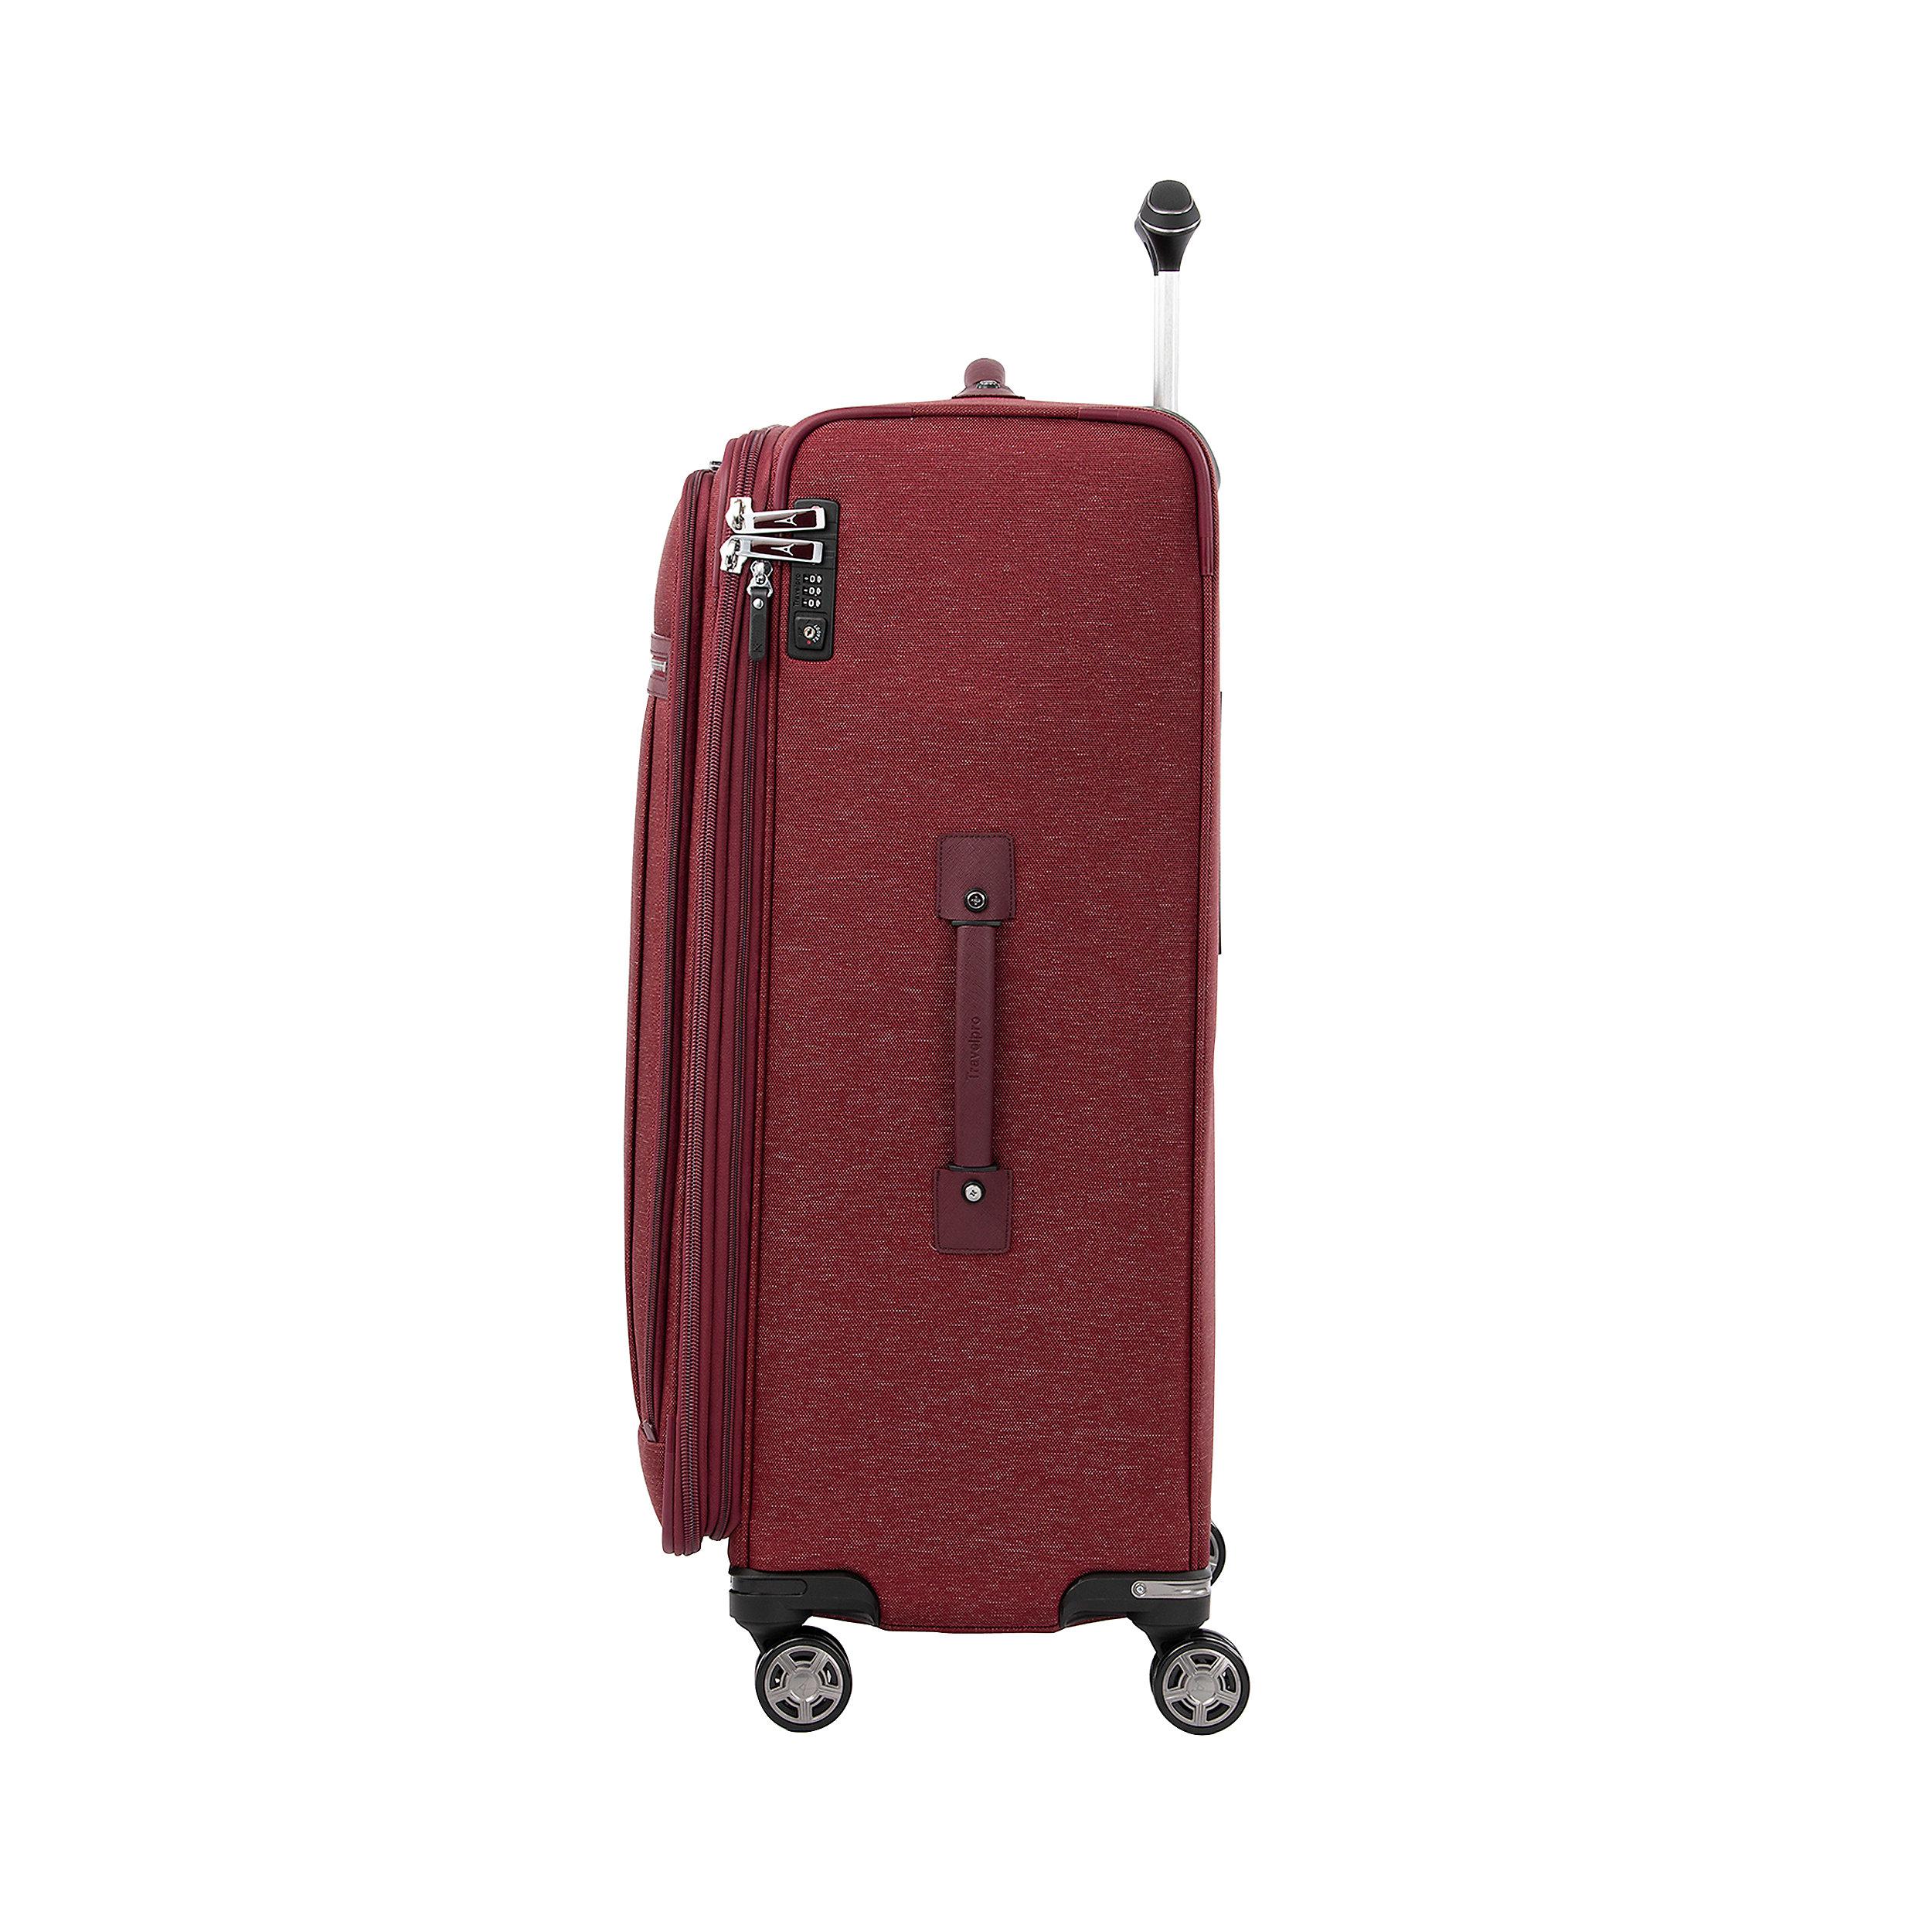 Trolley mit 4 Rollen 83 cm Erweiterbar Platinum Elite Extra Large 144 Liter